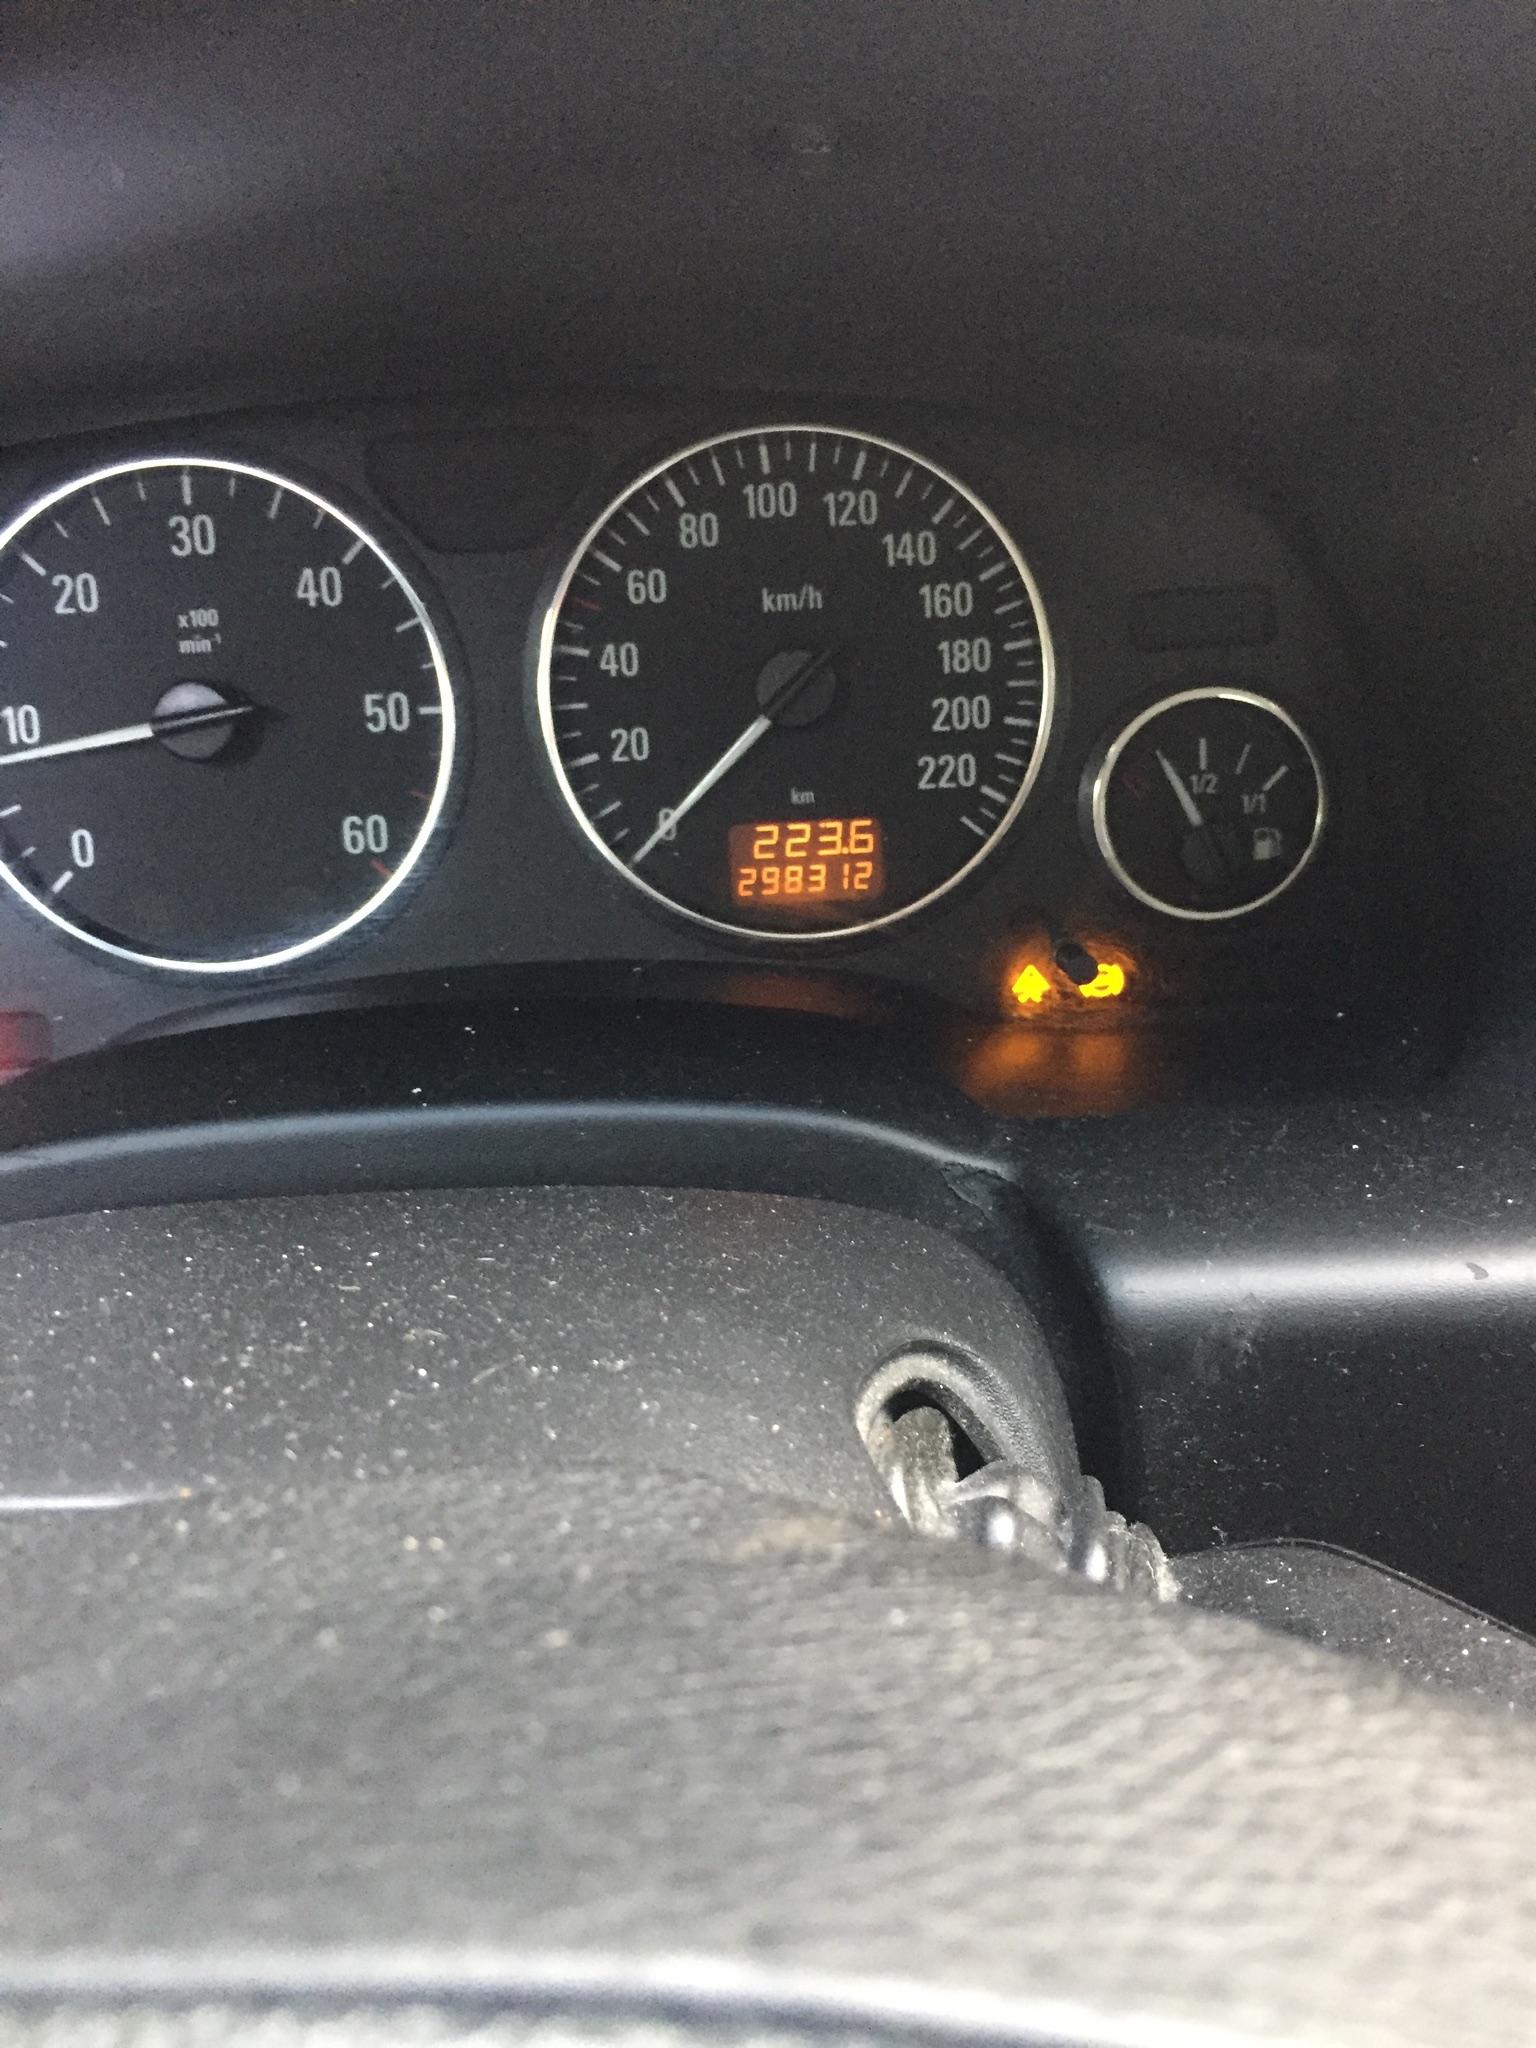 Voyant esp et airbag 2ed91b10